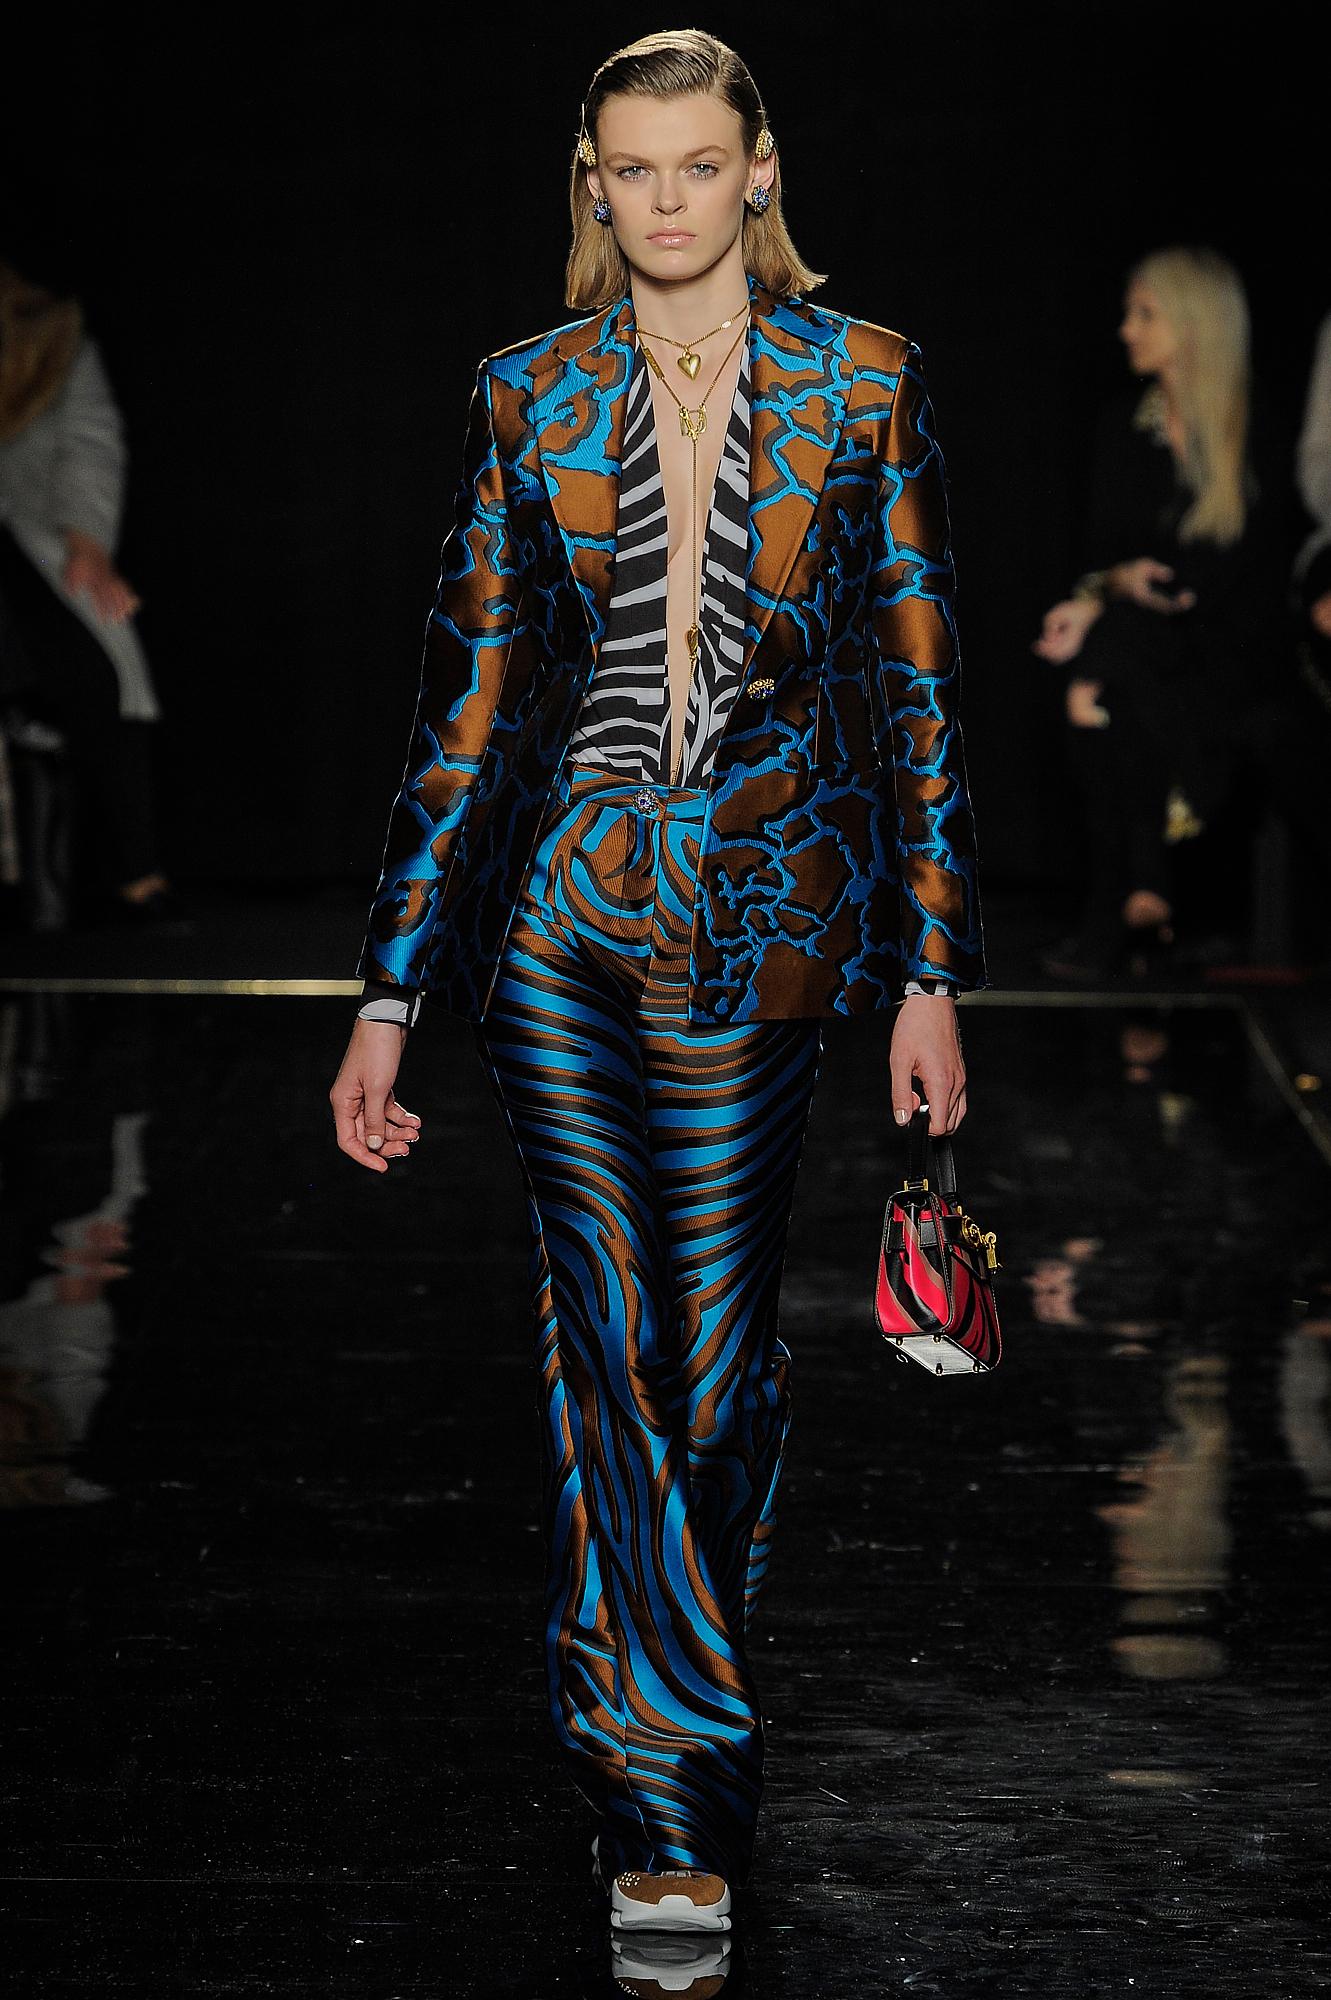 Versace_31_42_versace_runway_runway_00031.jpg